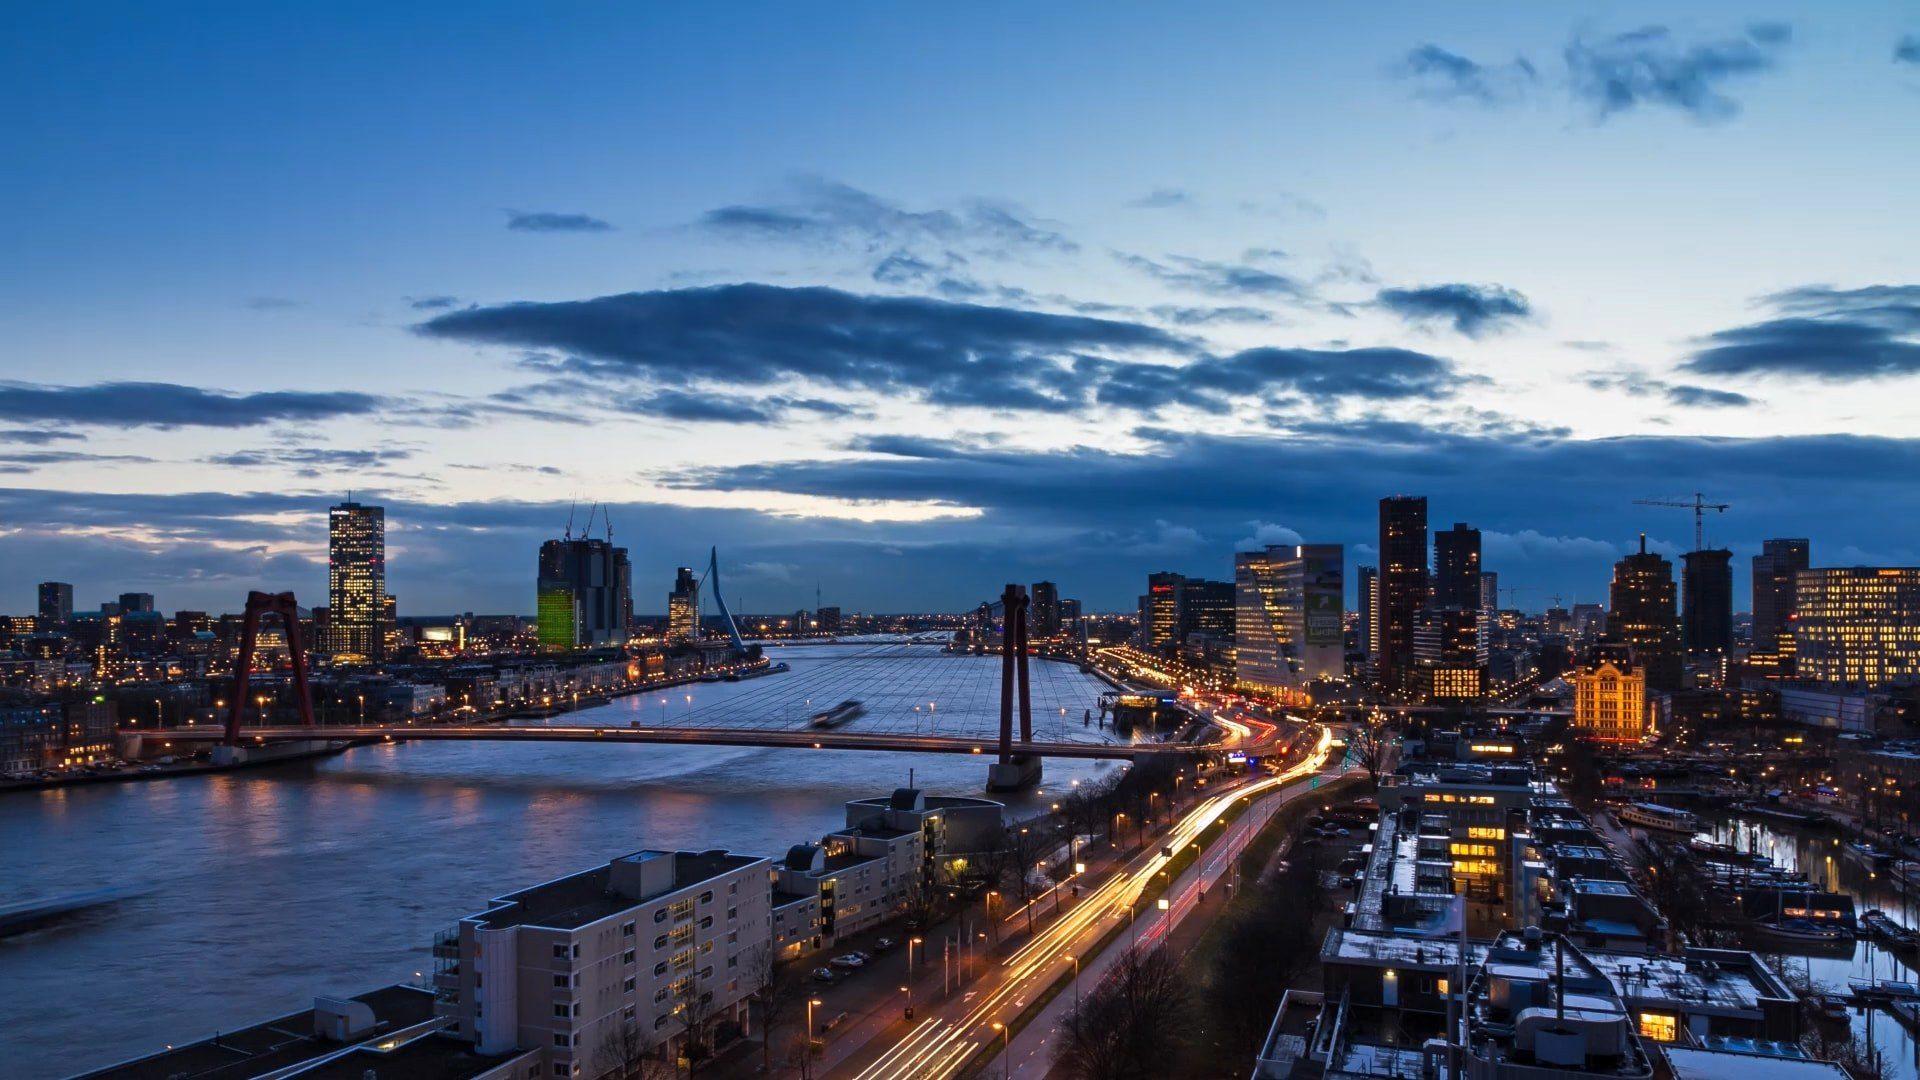 Kpn Rotterdam Timelapse